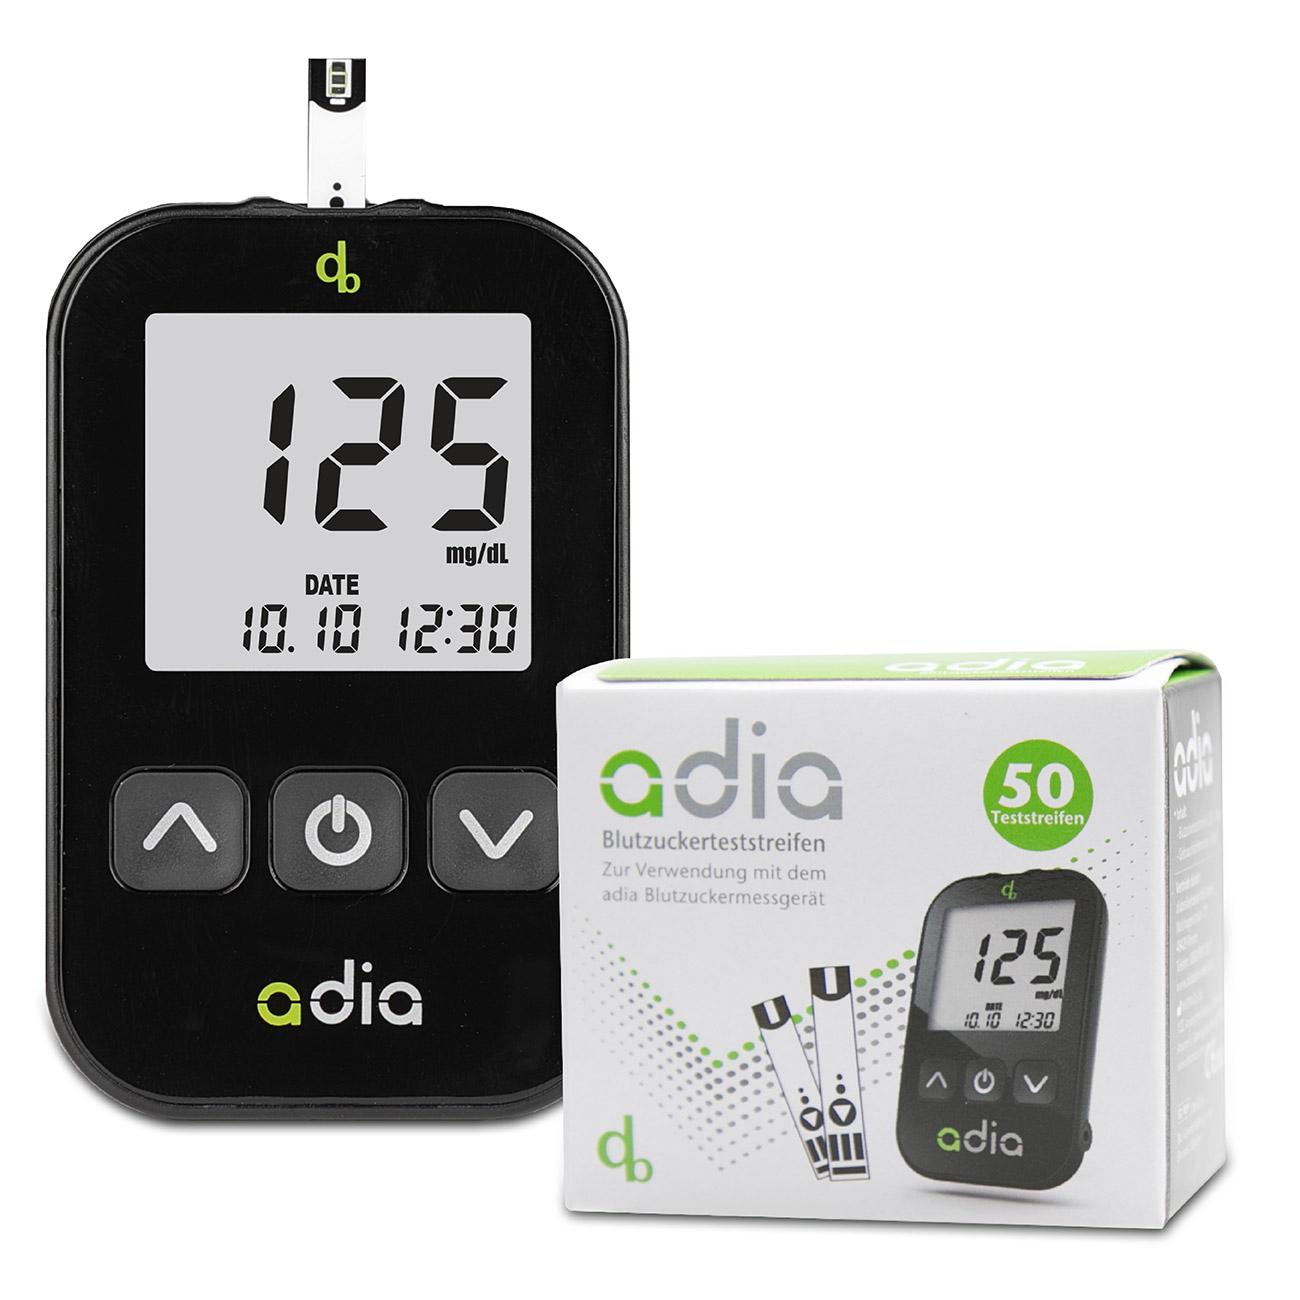 adia Blutzuckermessgerät - Starter Set inkl. 60 Teststreifen